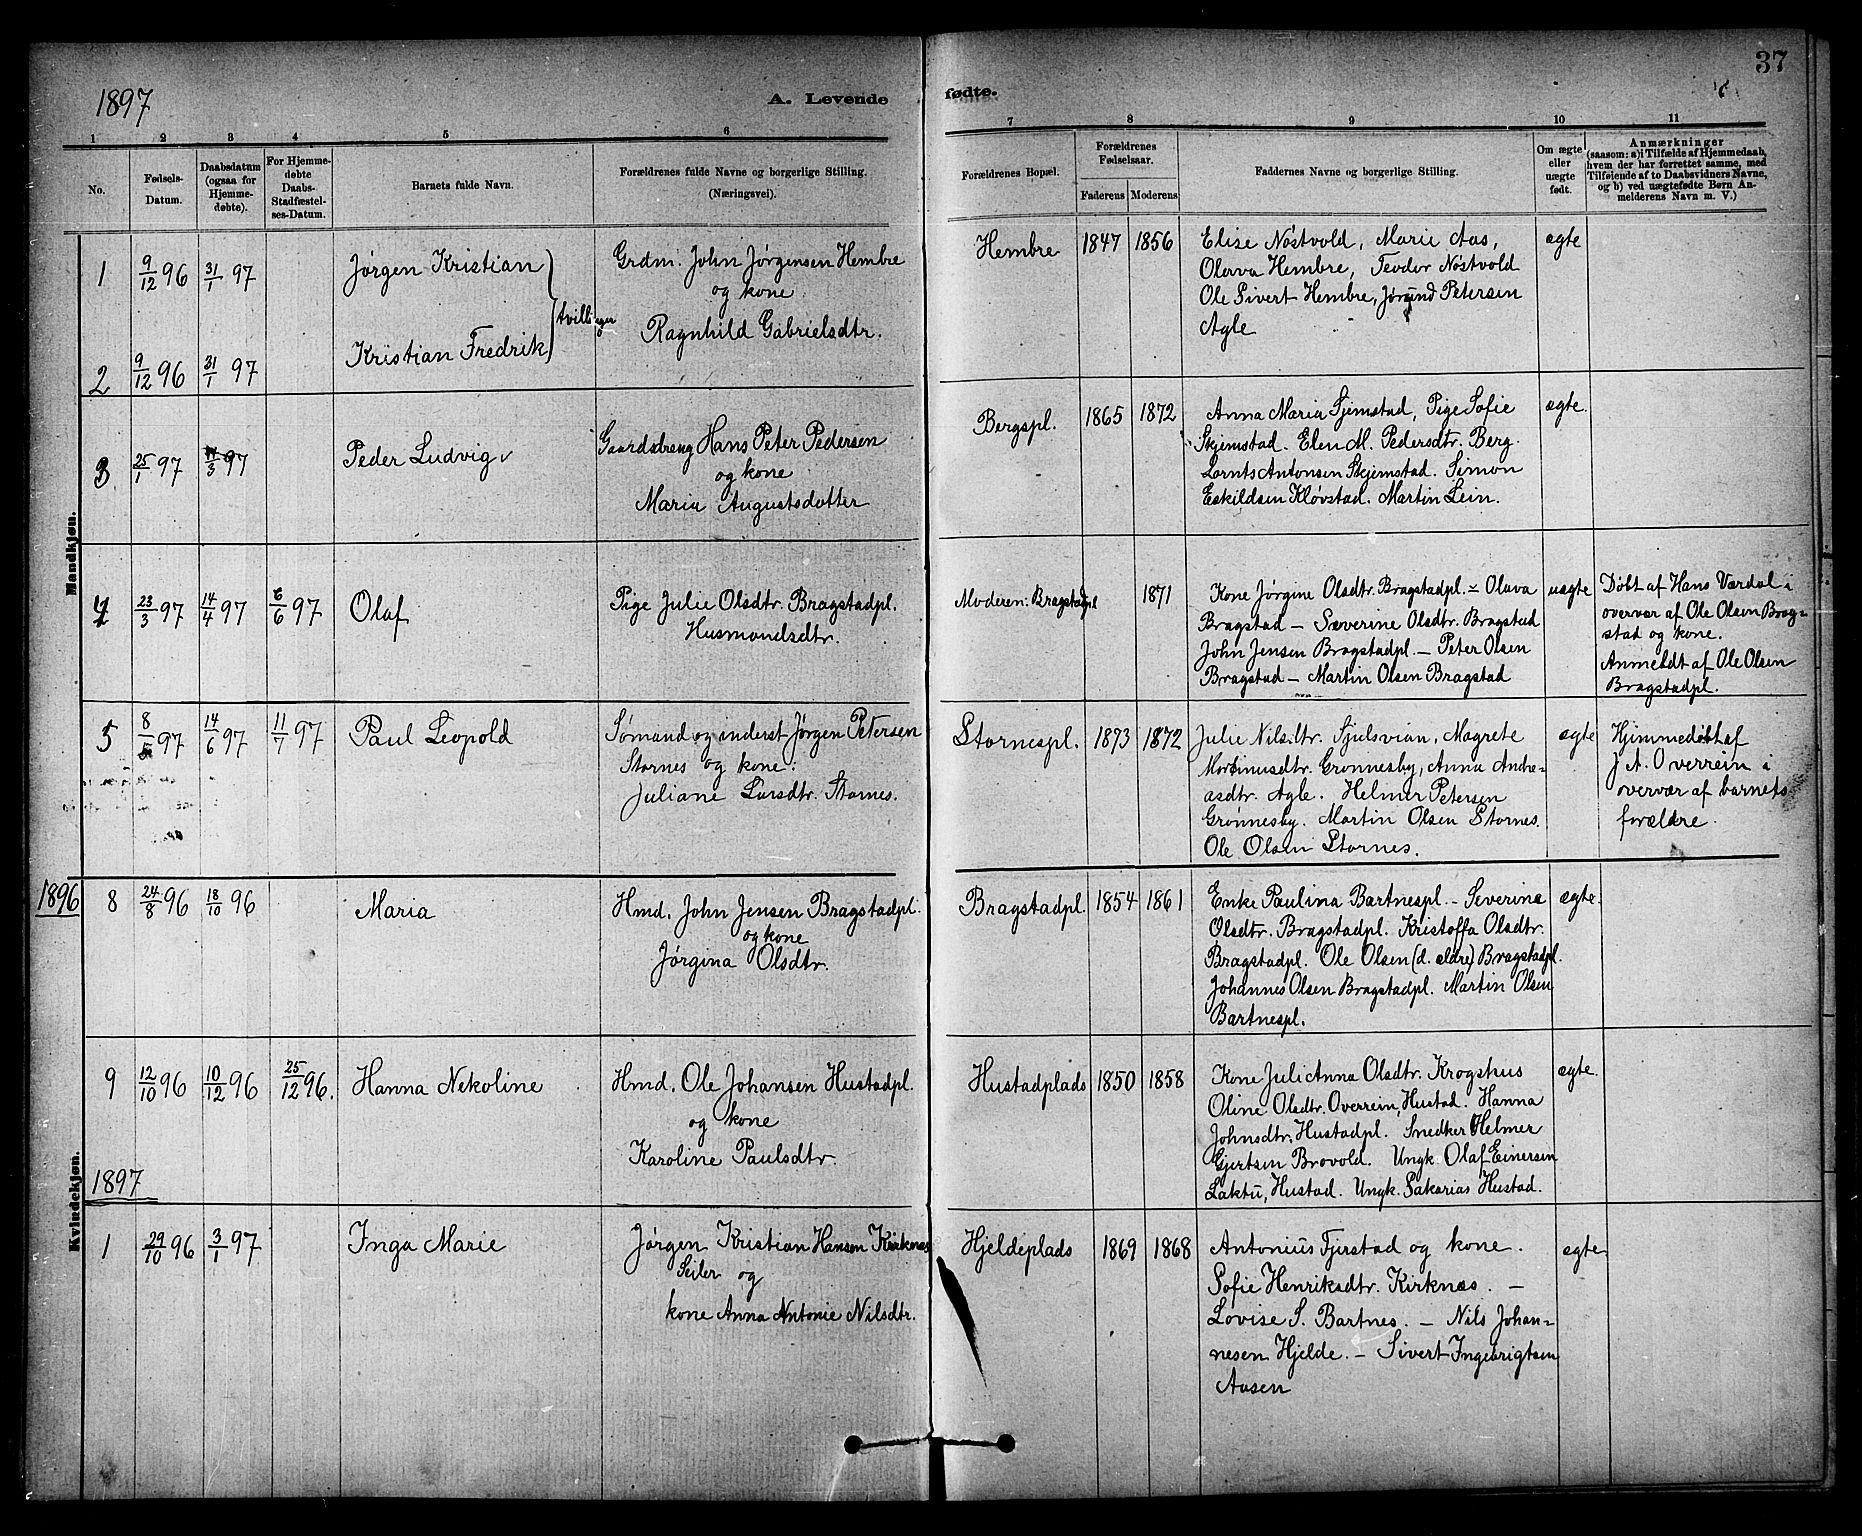 SAT, Ministerialprotokoller, klokkerbøker og fødselsregistre - Nord-Trøndelag, 732/L0318: Klokkerbok nr. 732C02, 1881-1911, s. 37